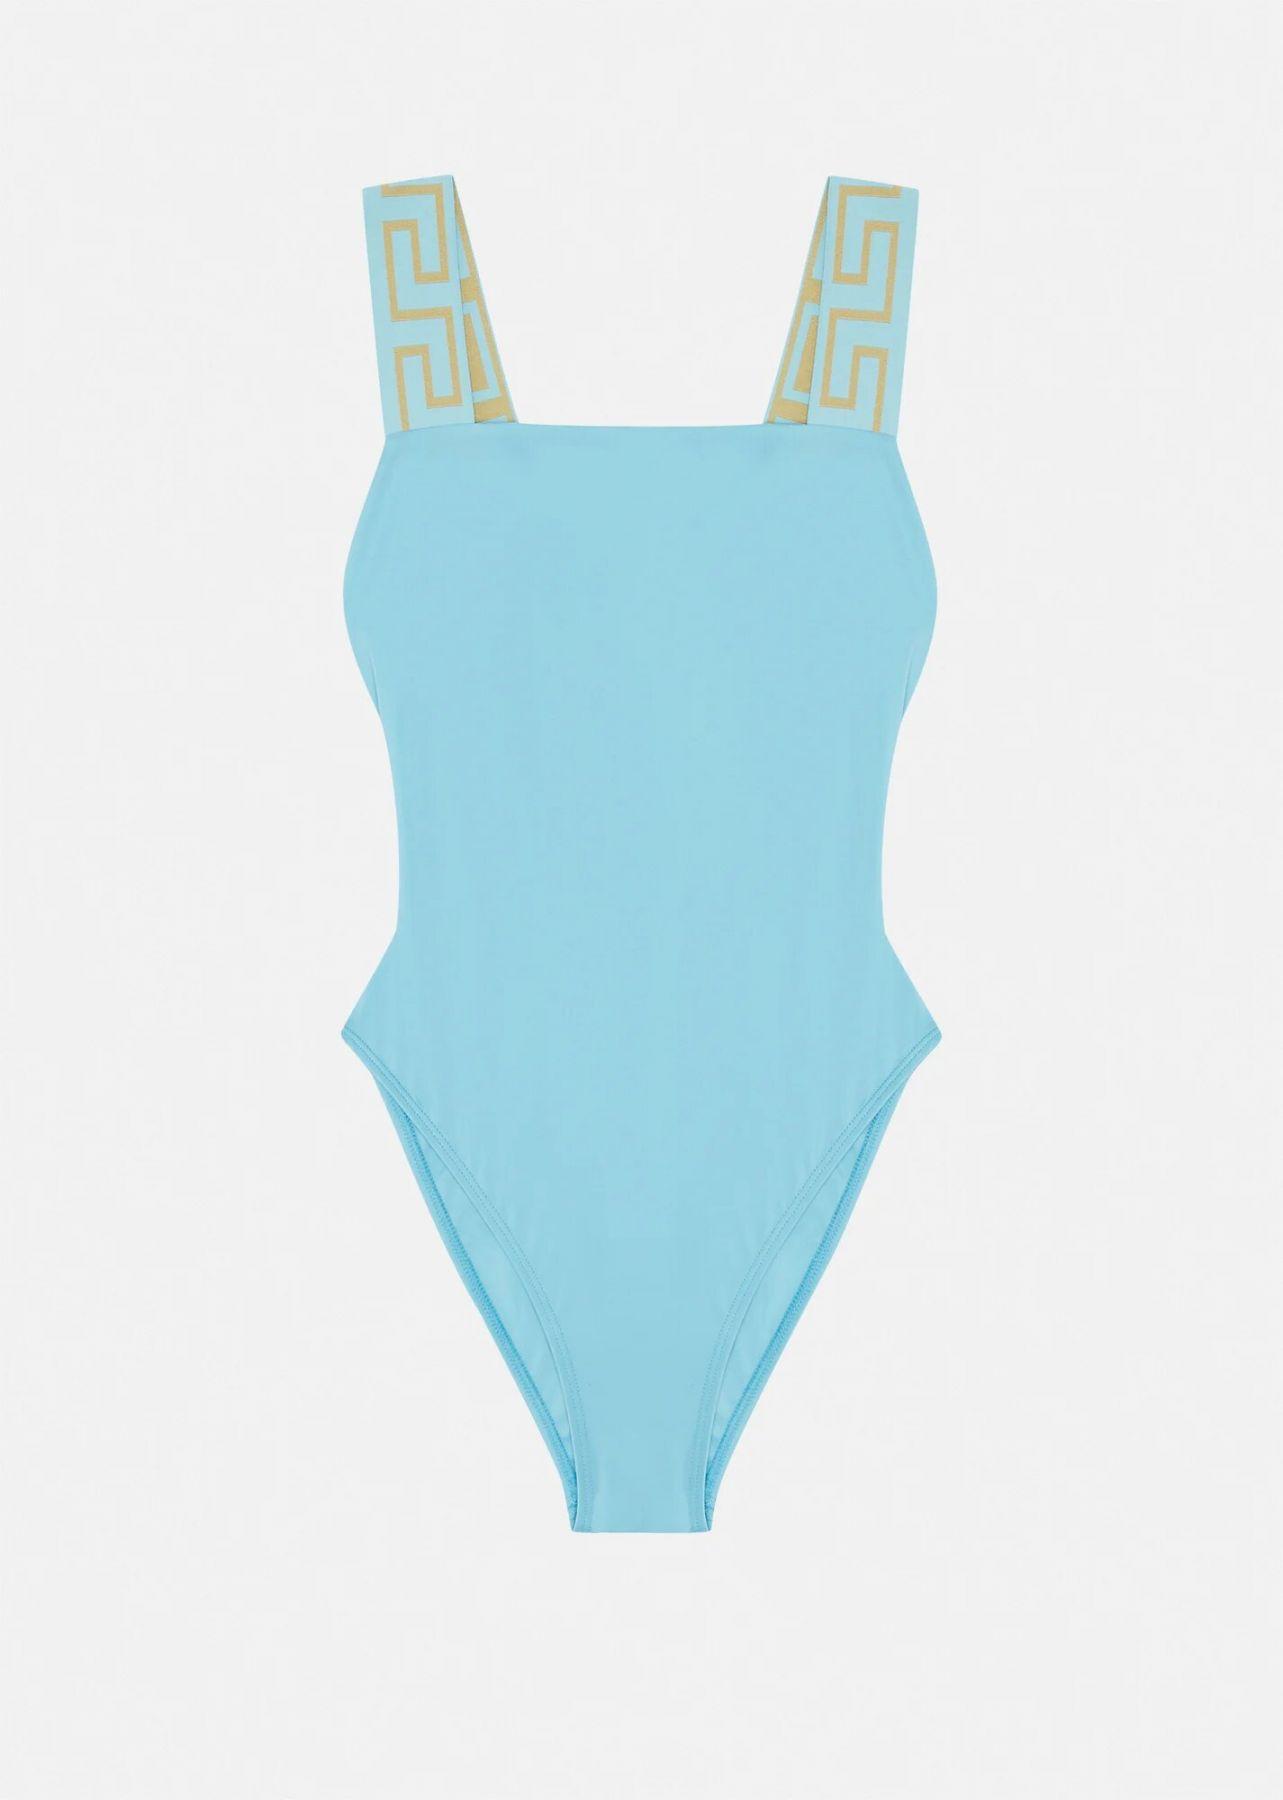 Купальник Versace голубой